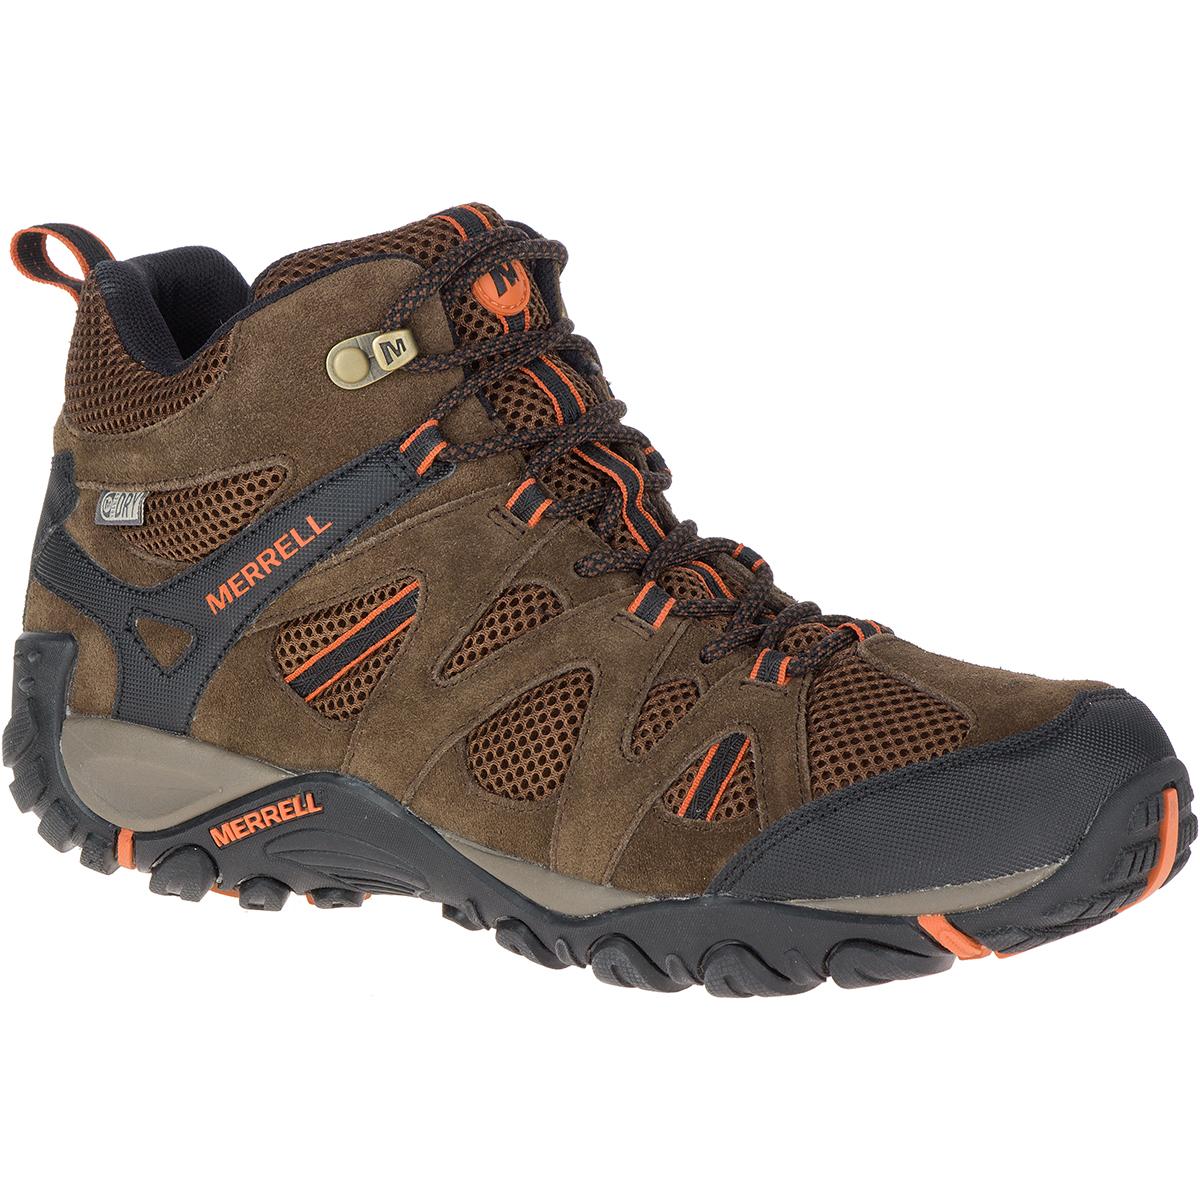 Merrell Men's Deverta Mid Waterproof Hiking Boots - Brown, 12